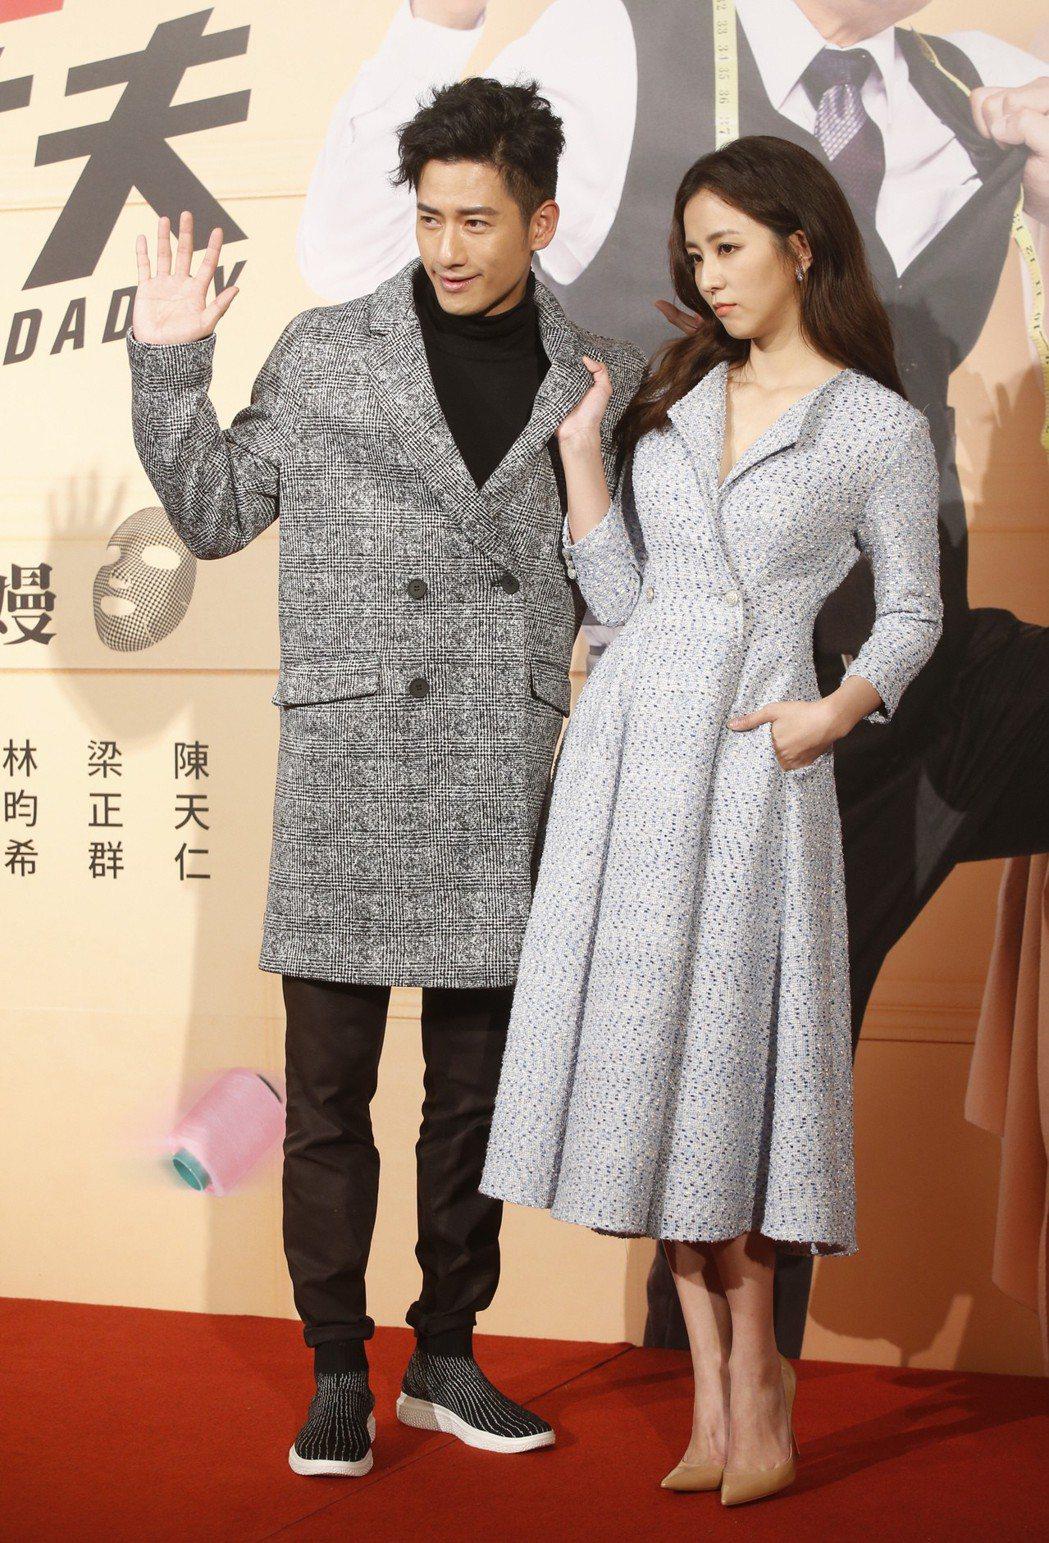 三立新八點華劇「必勝大丈夫」男女主角周孝安(左)與周曉涵(右)。 本報資料照片